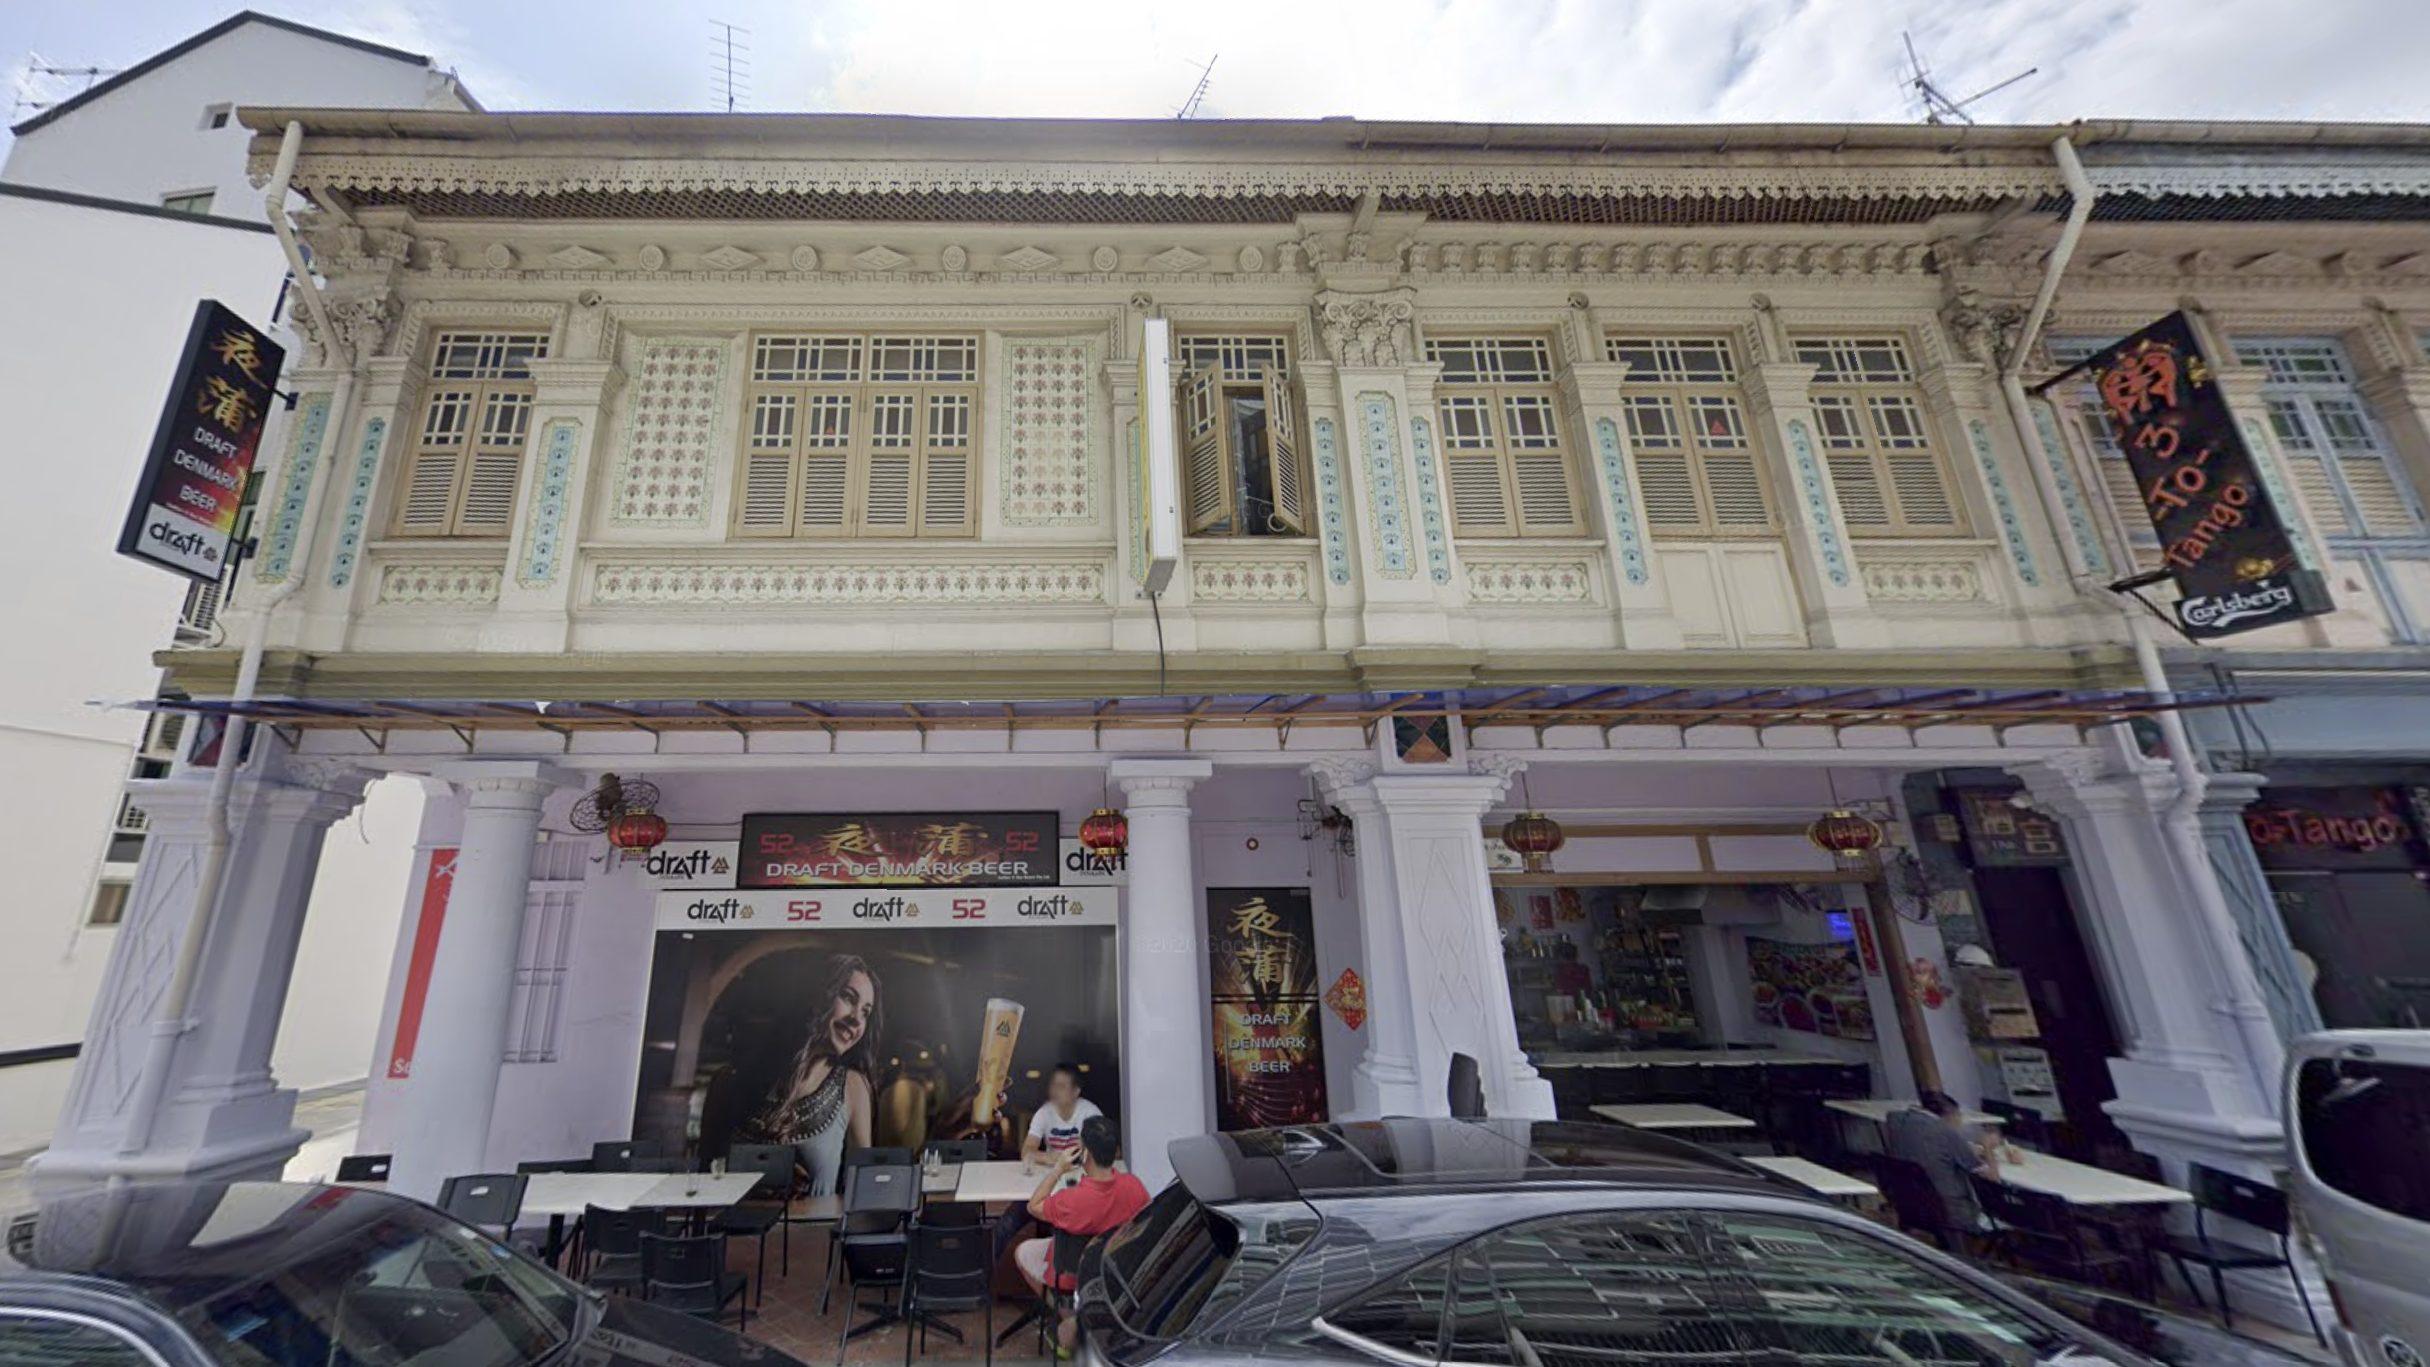 lavender conservation shophouse for sale